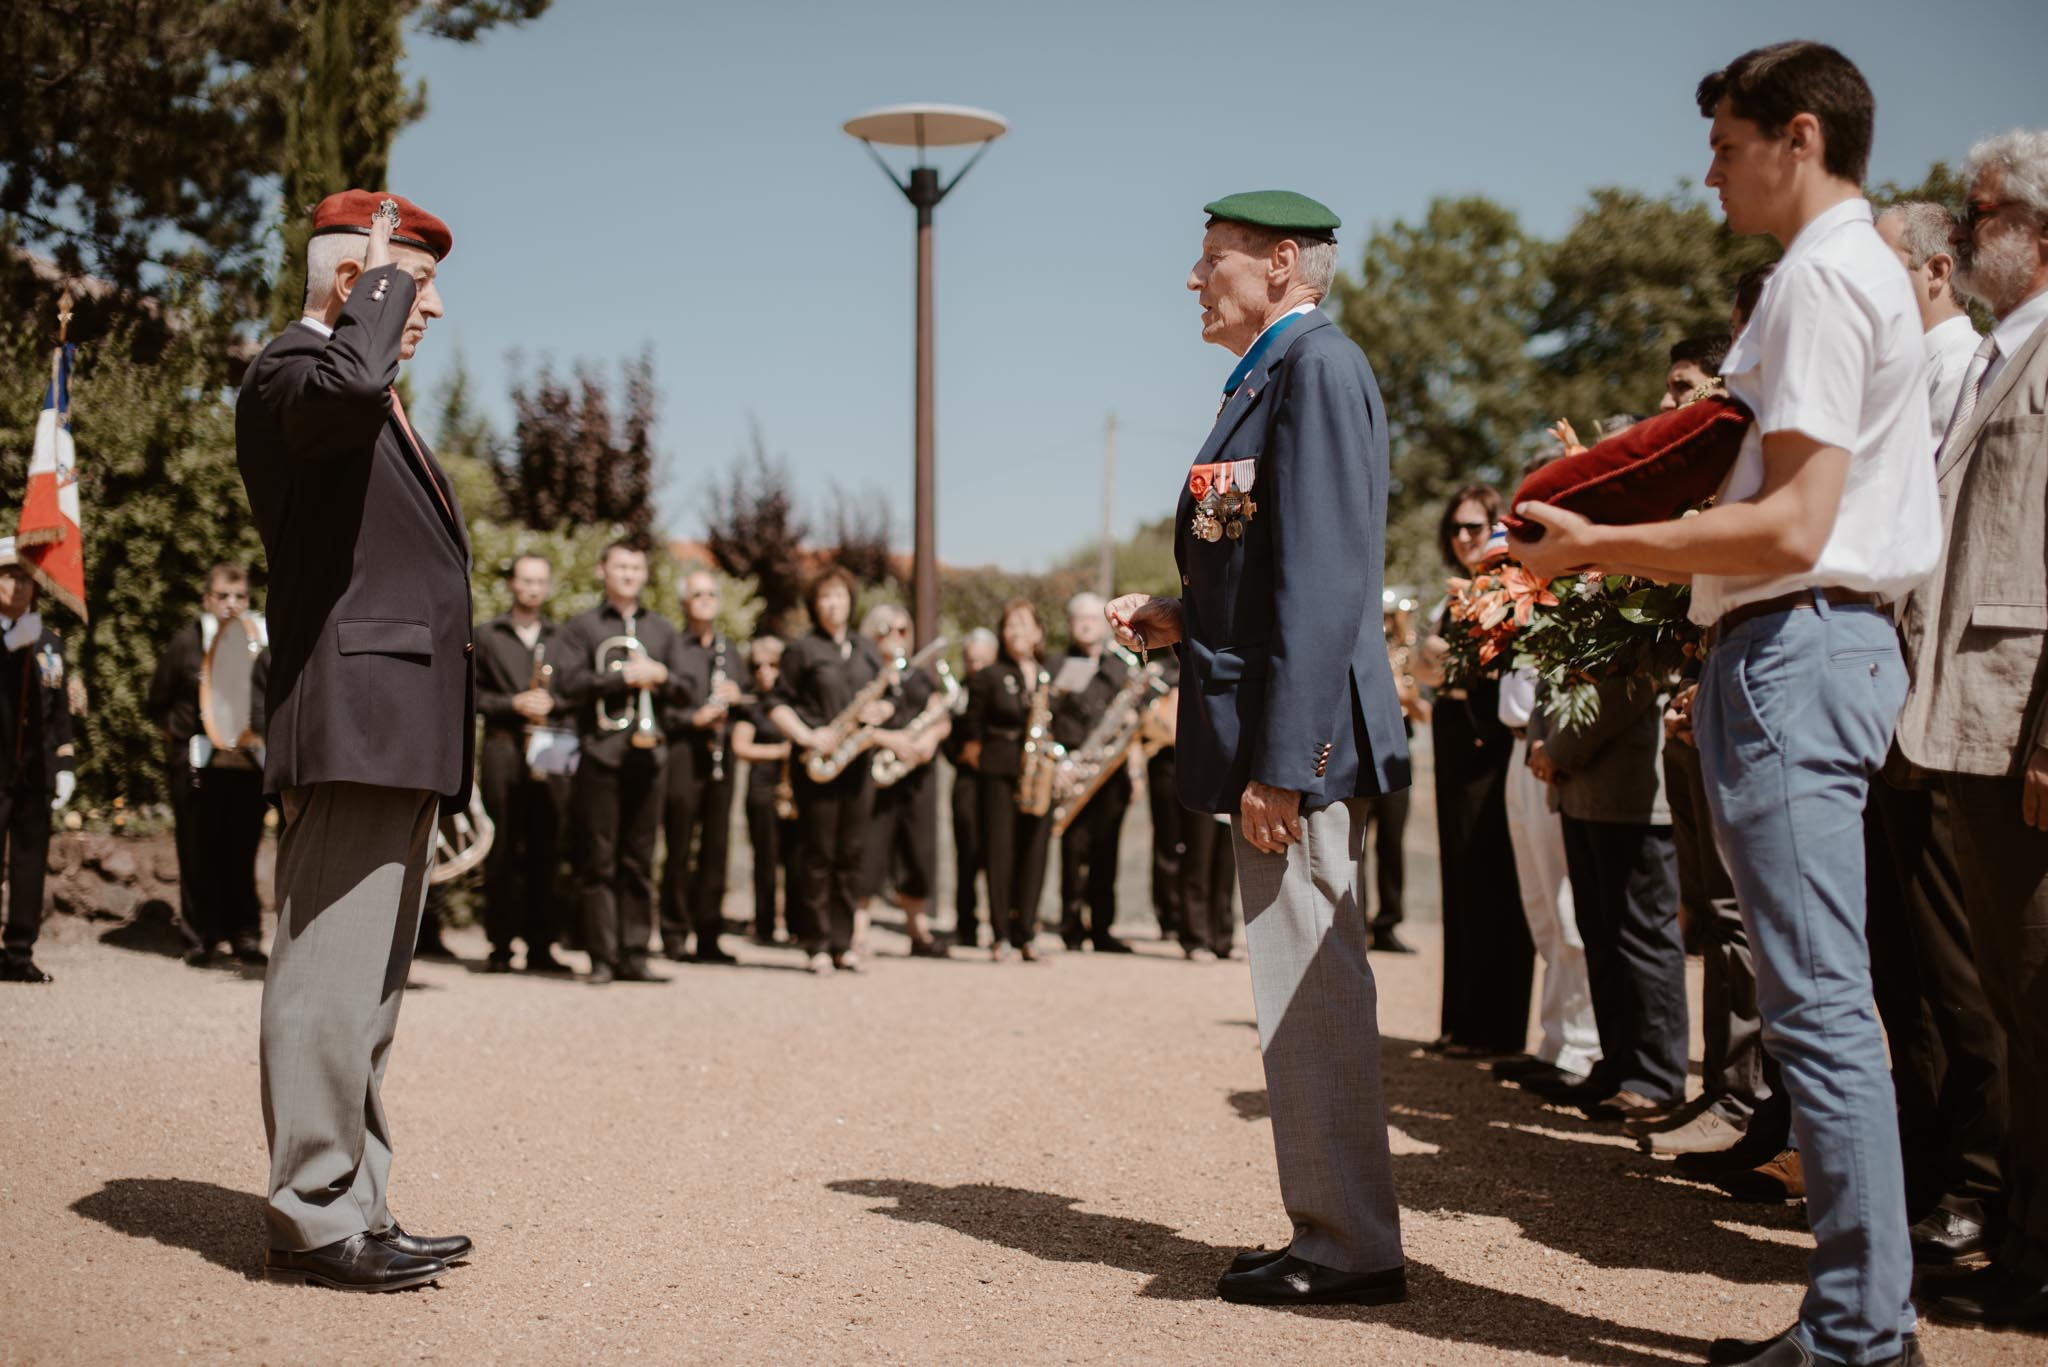 Reportage photo d'un événement familial pour la remise de la légion d'honneur de Yves en Auvergne par Geoffrey Arnoldy photographe